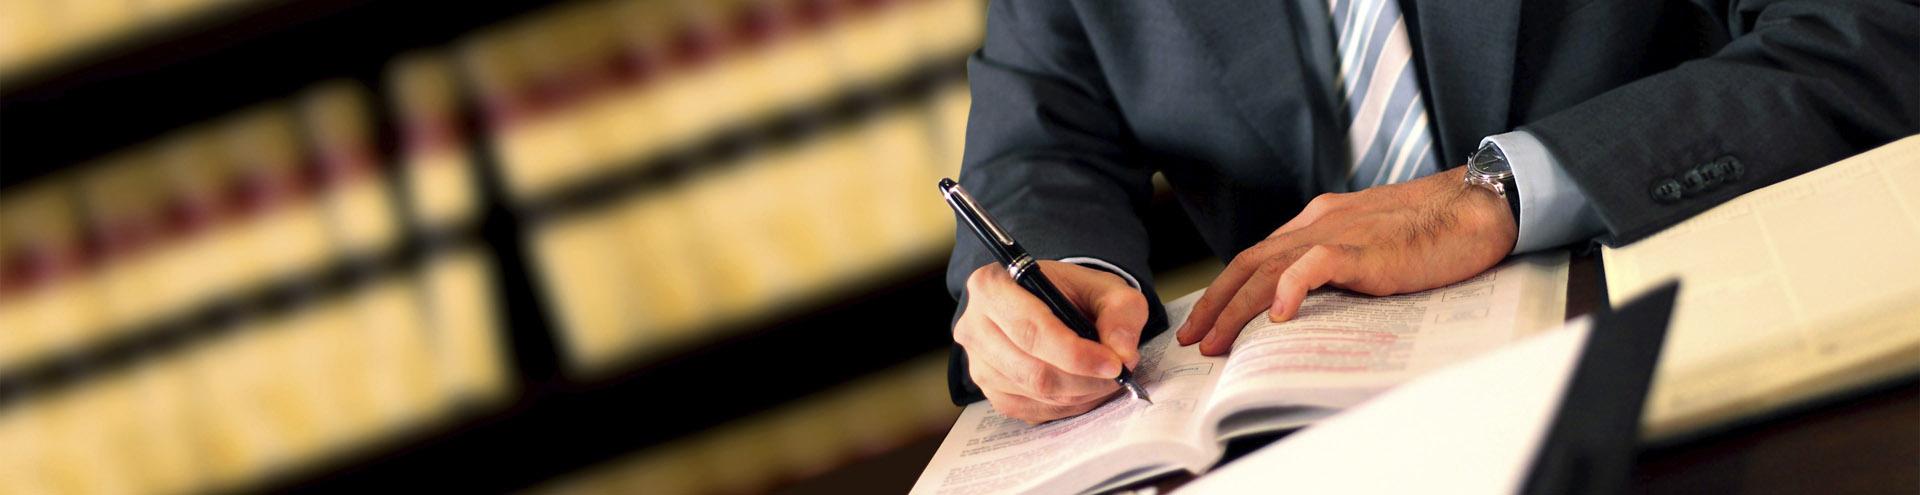 представительство в суде в Липецке и Липецкой области